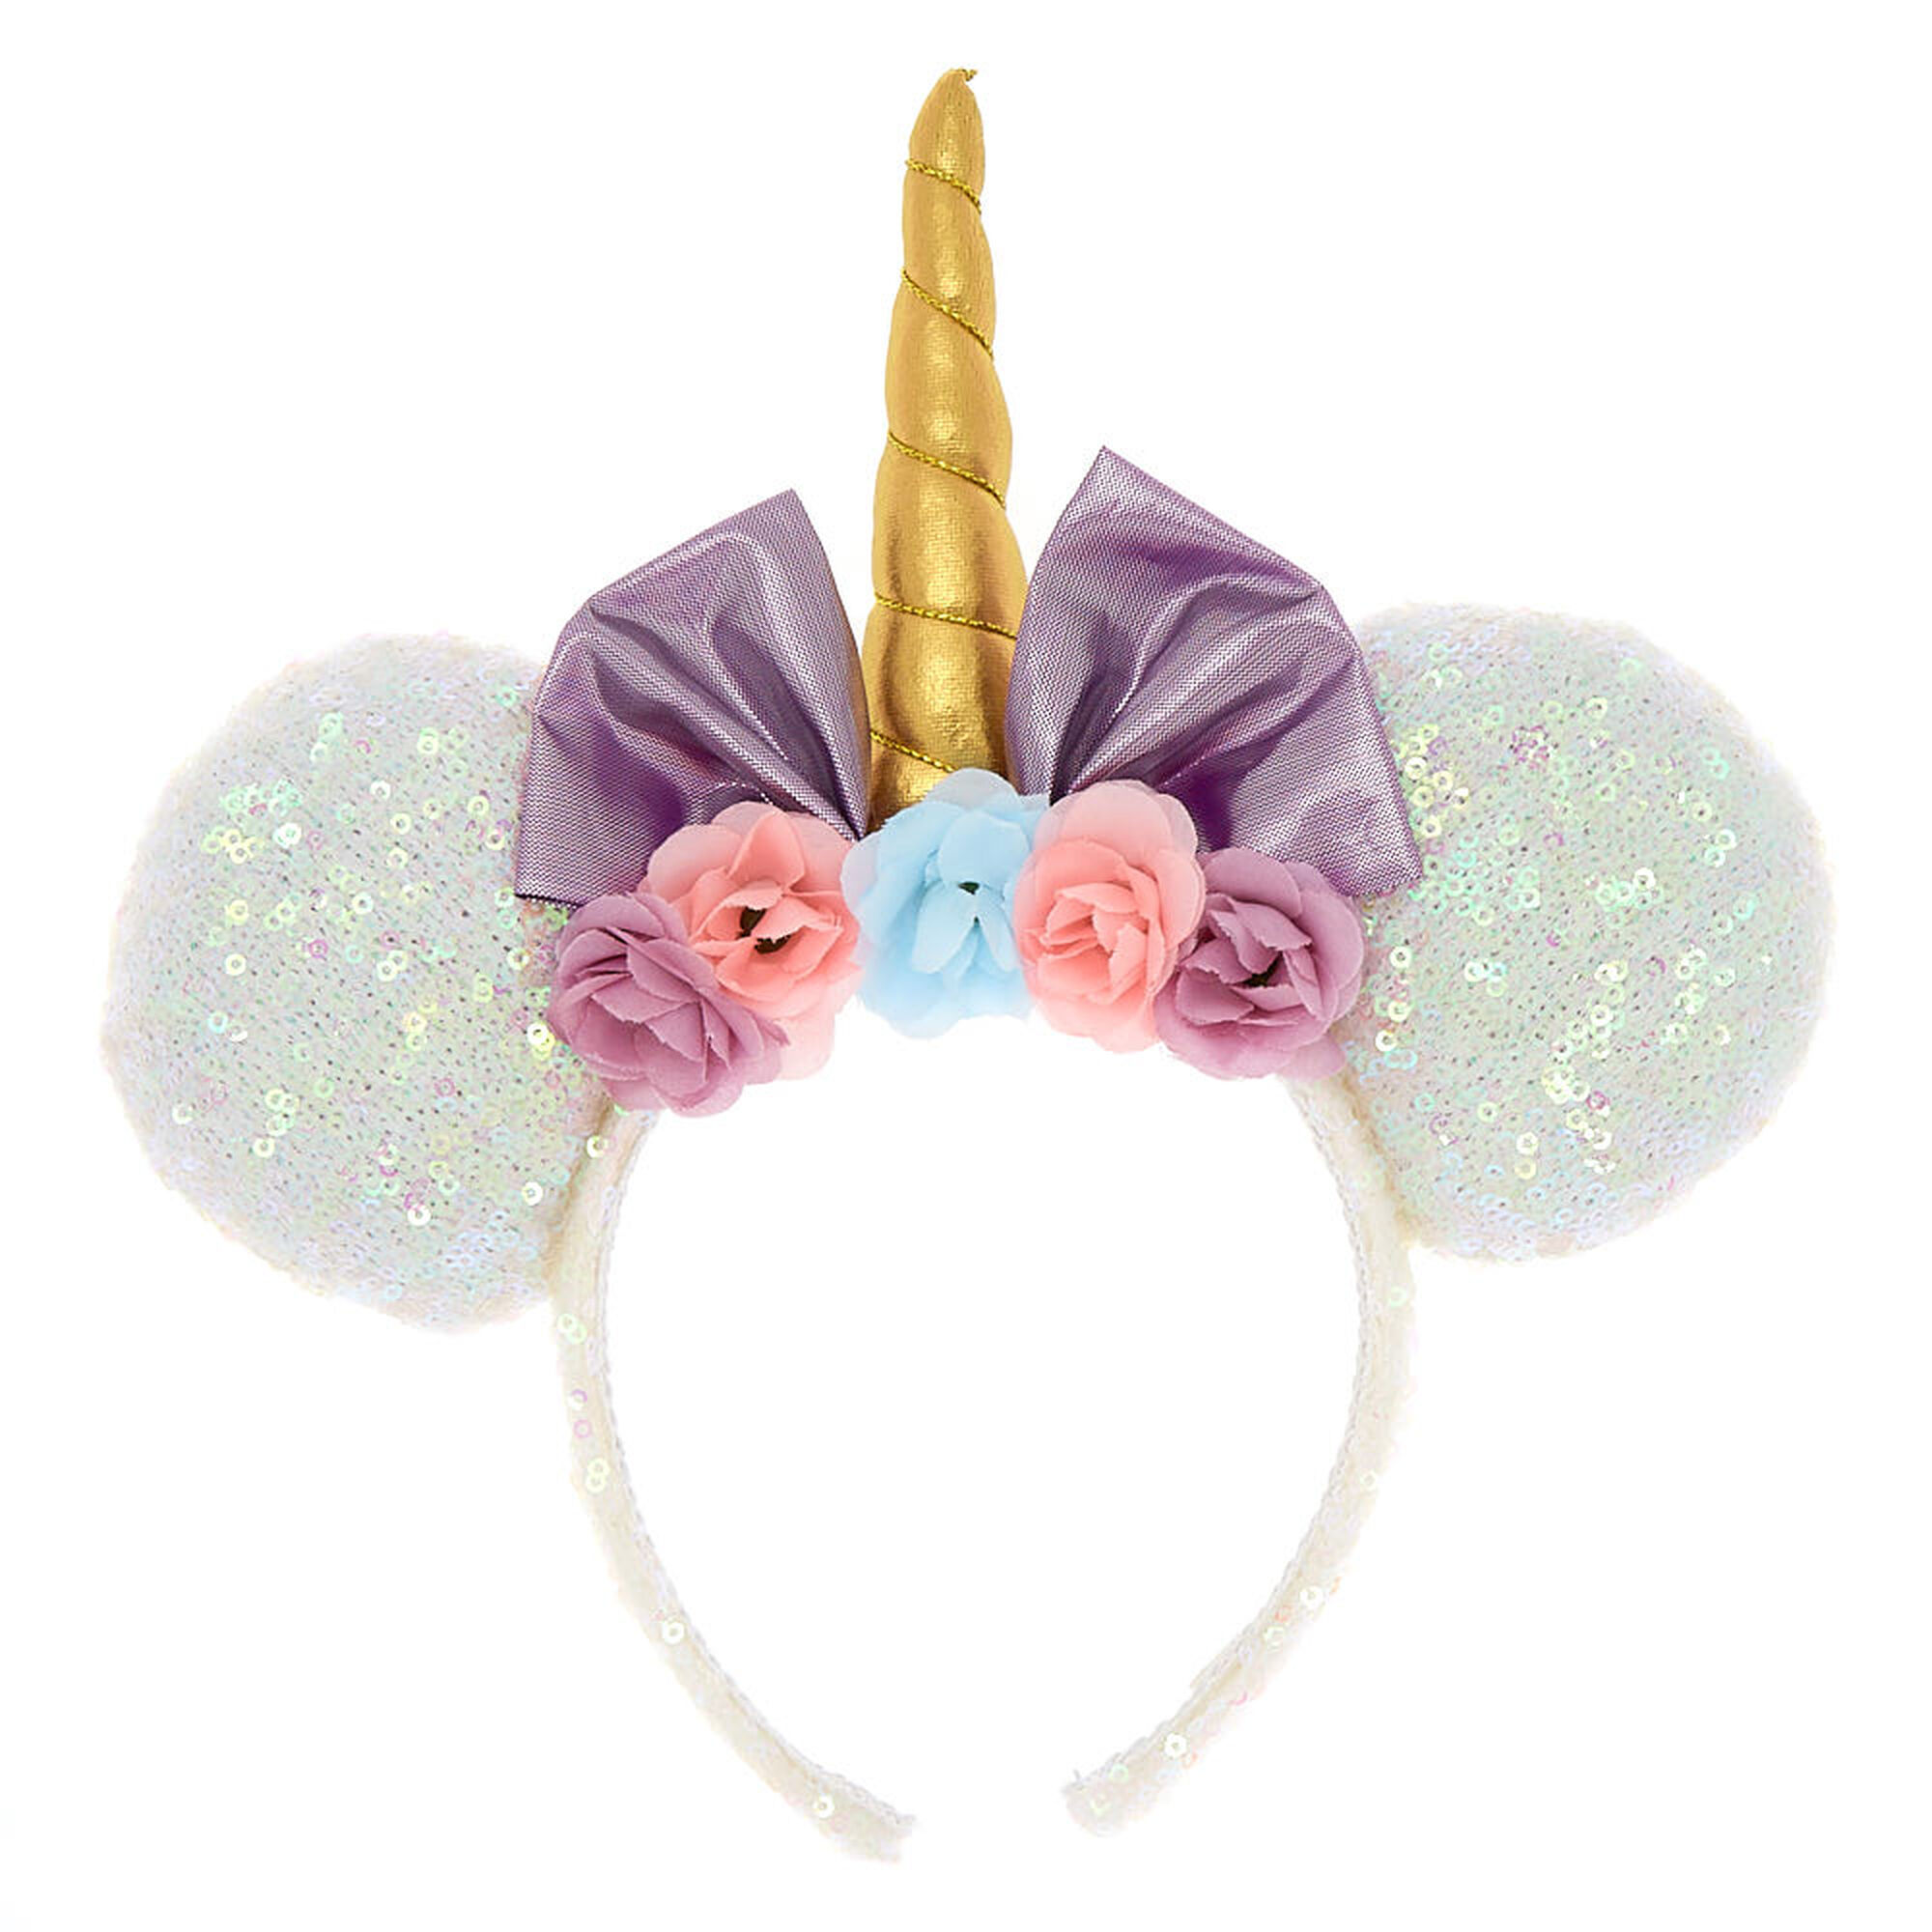 dfba8a2a4d7d Disney® Minnie Mouse Unicorn Ears | Claire's US